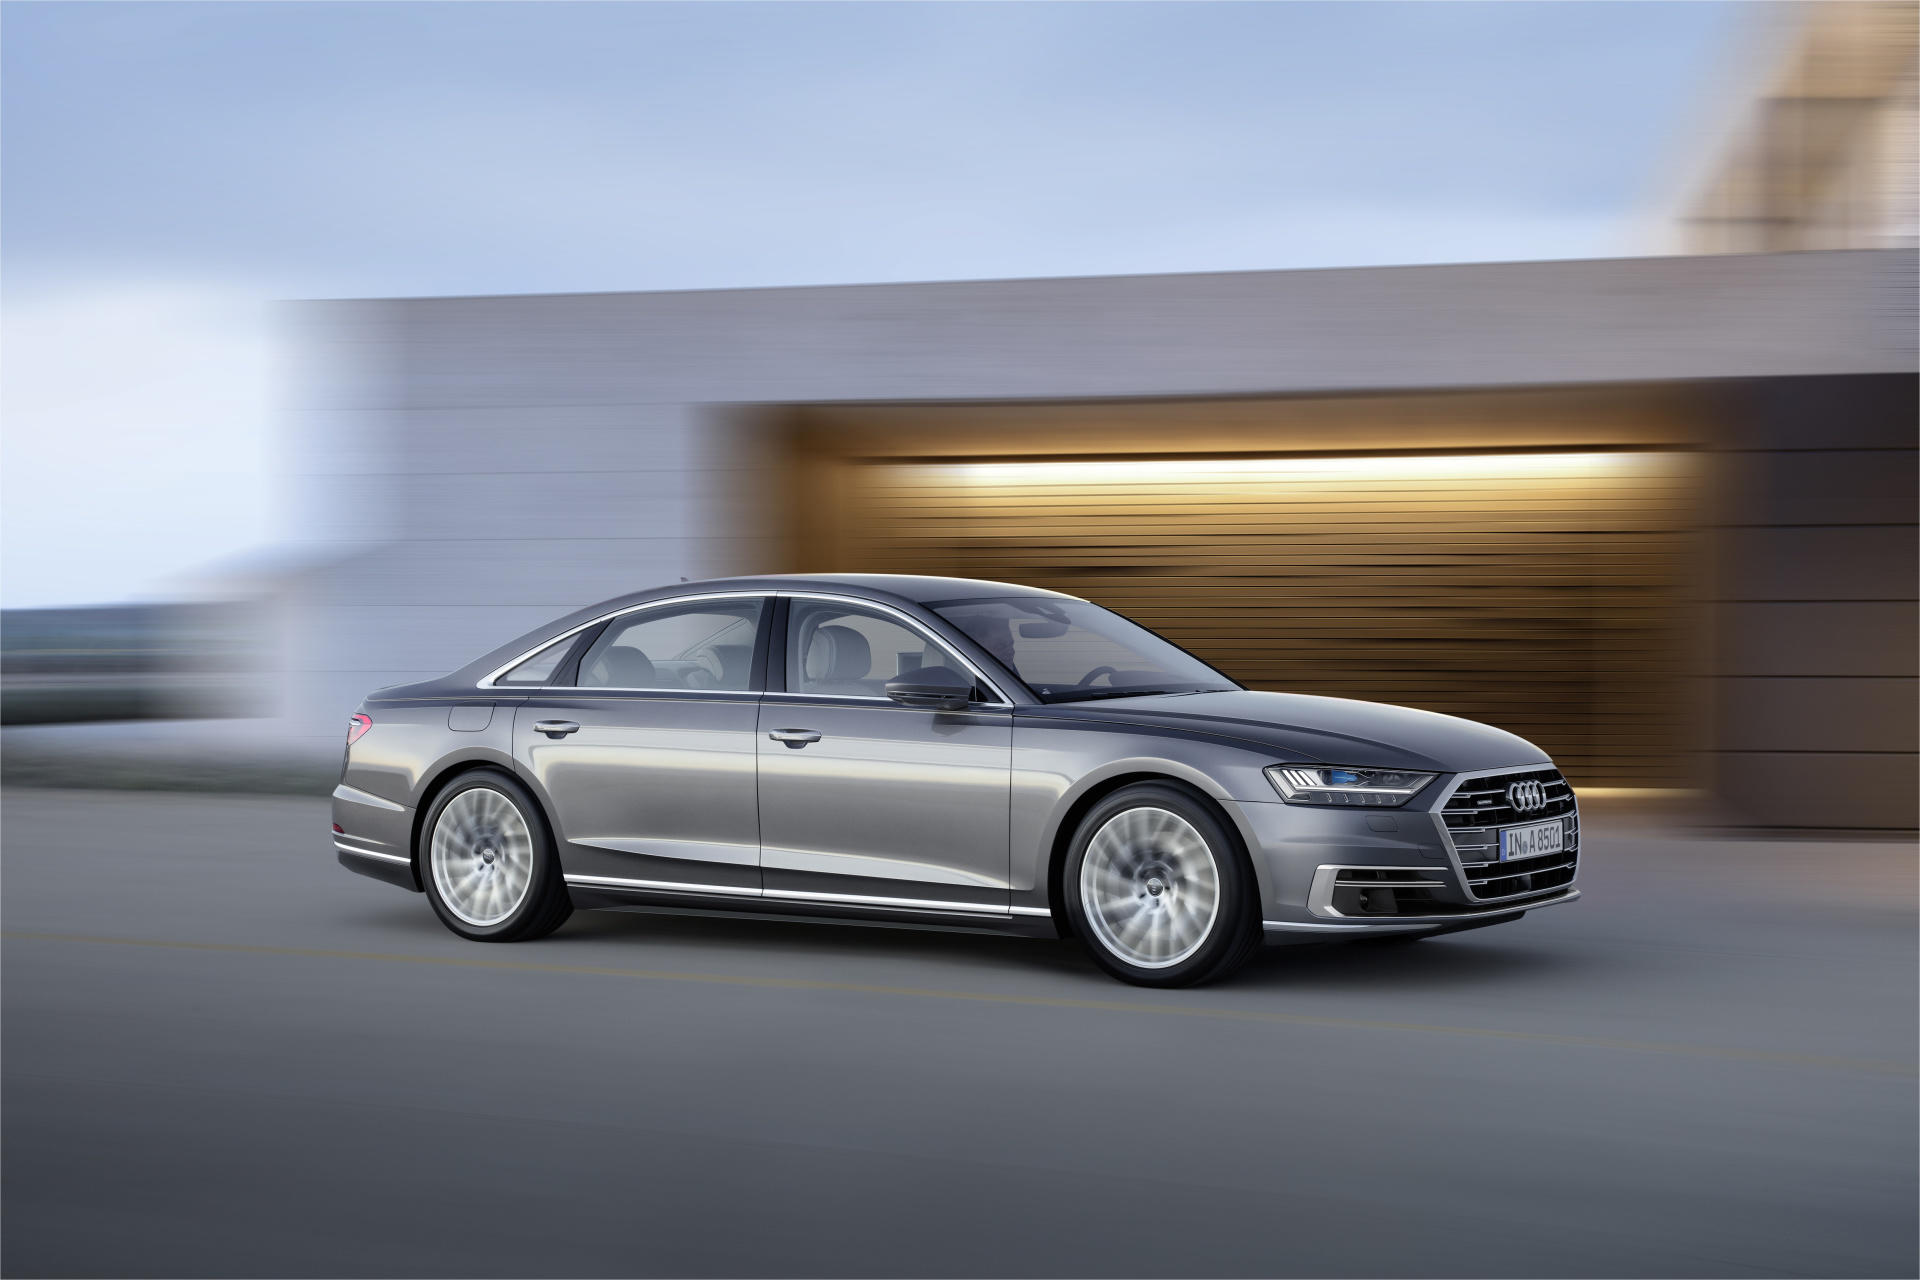 Audi dejará de usar los motores V10 y W12